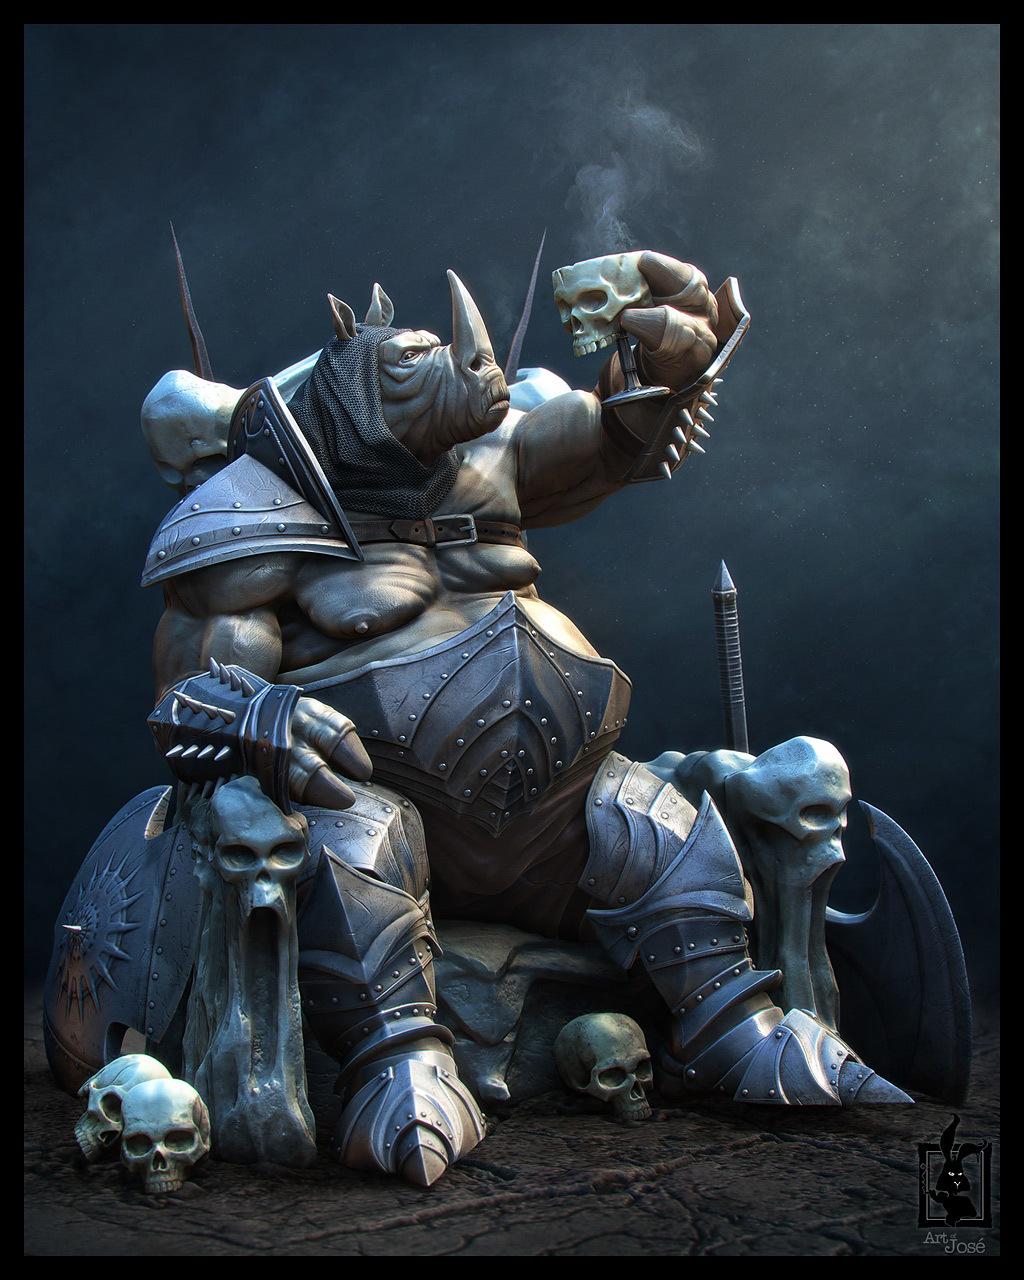 Zeoyn rhino general 1 18c6aee3 q5tc